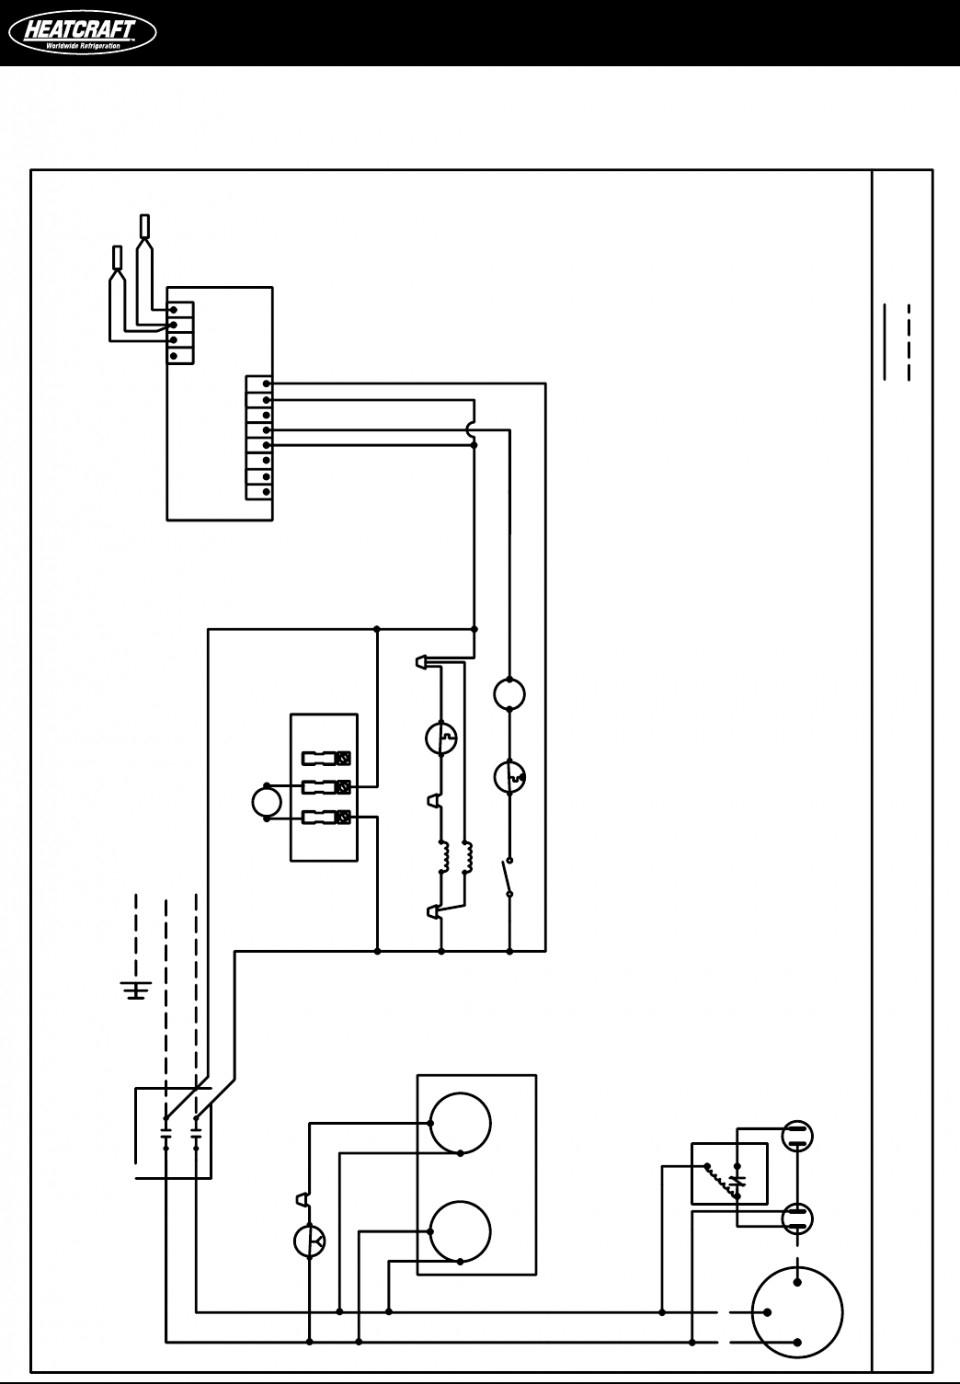 bohn walk in freezer wiring diagram Collection-Heatcraft Freezer Wiring Diagram Britishpanto Inside 6-c